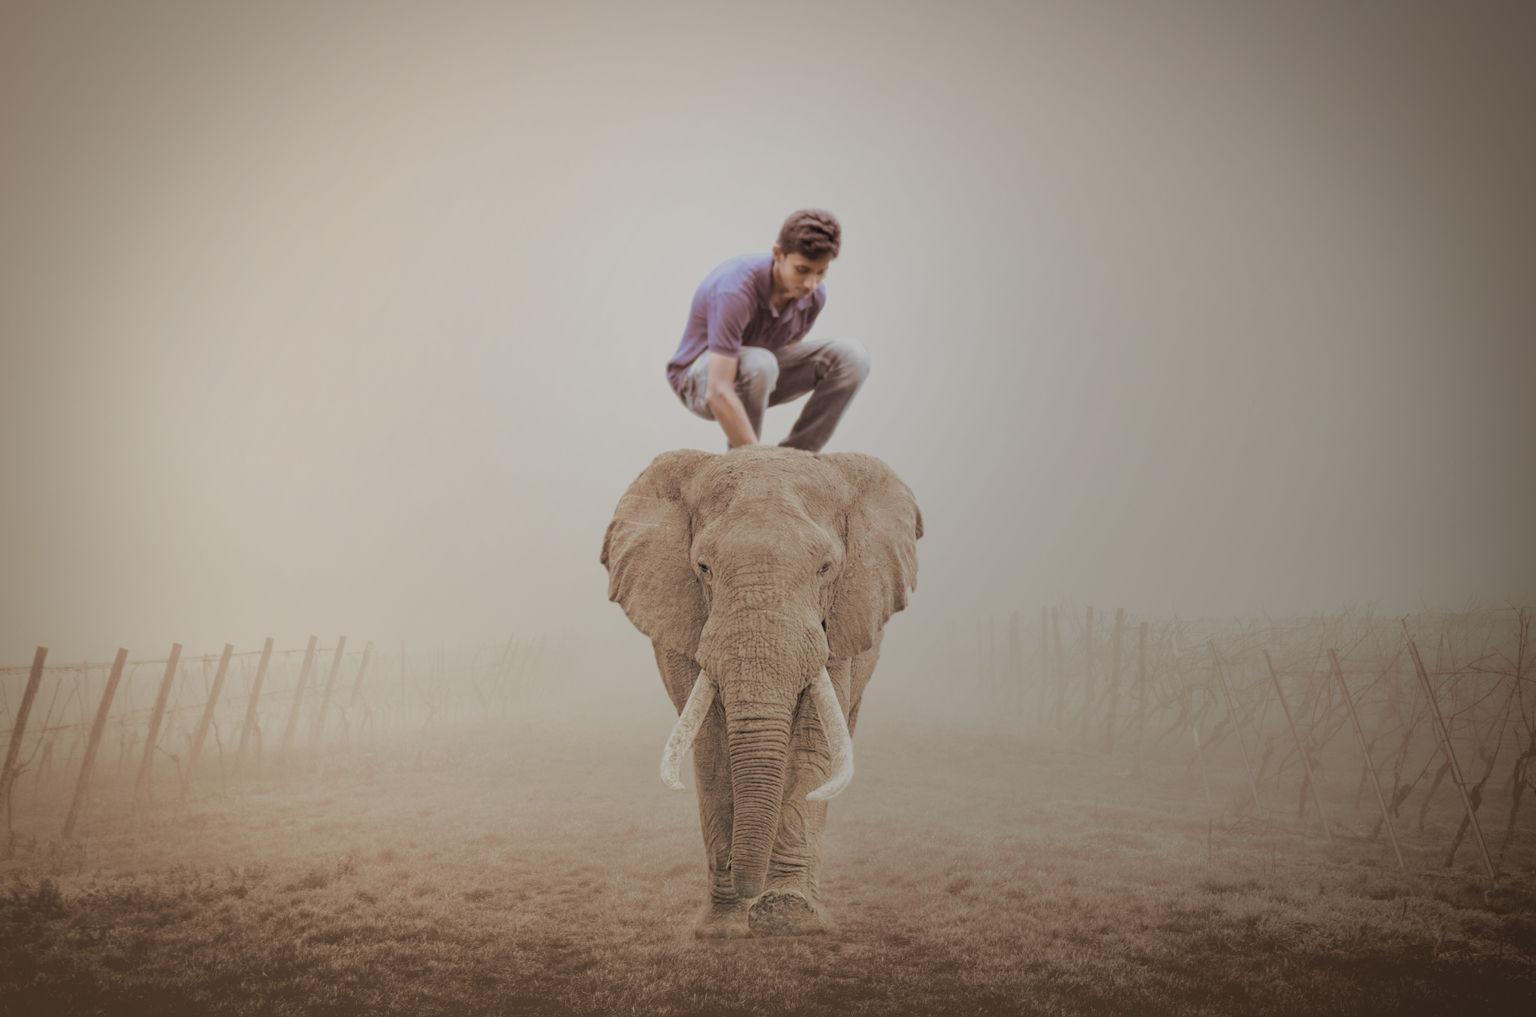 (Elephant Ride) হাতির উপর বসুন ফটোশপের মাধ্যমে…